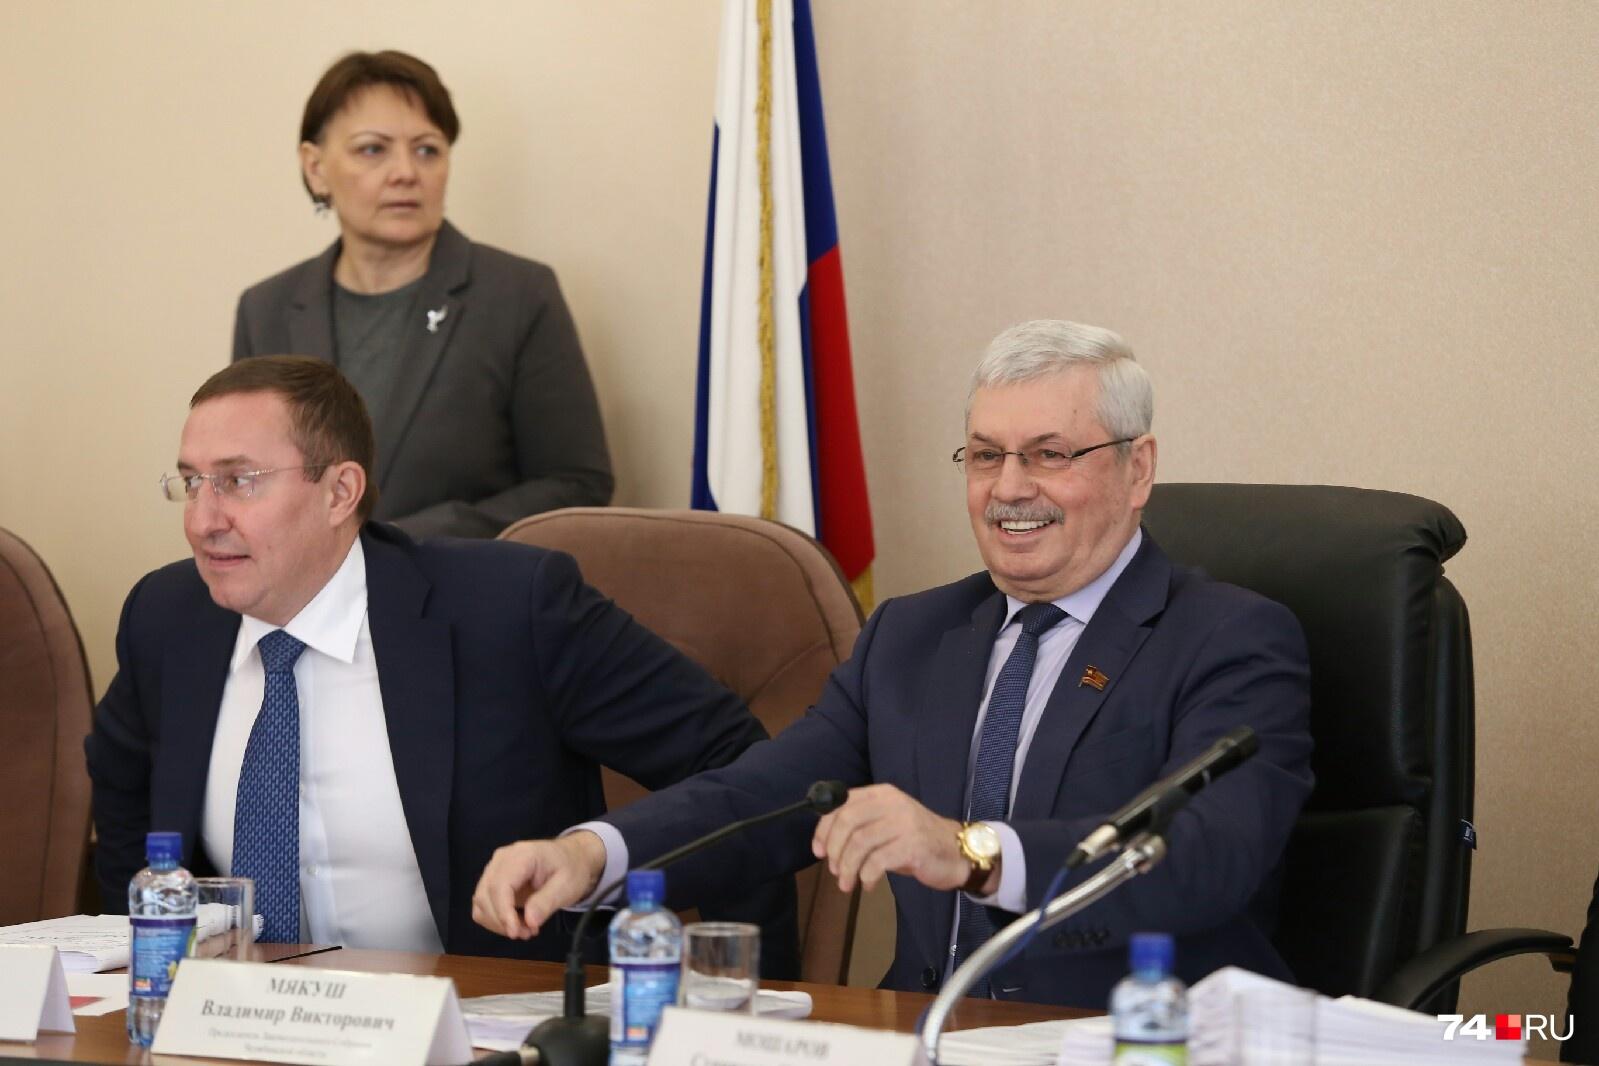 Владимир Мякуш (справа) пребывает в прекрасном расположении духа, по всей видимости, заранее уверен в результате голосования